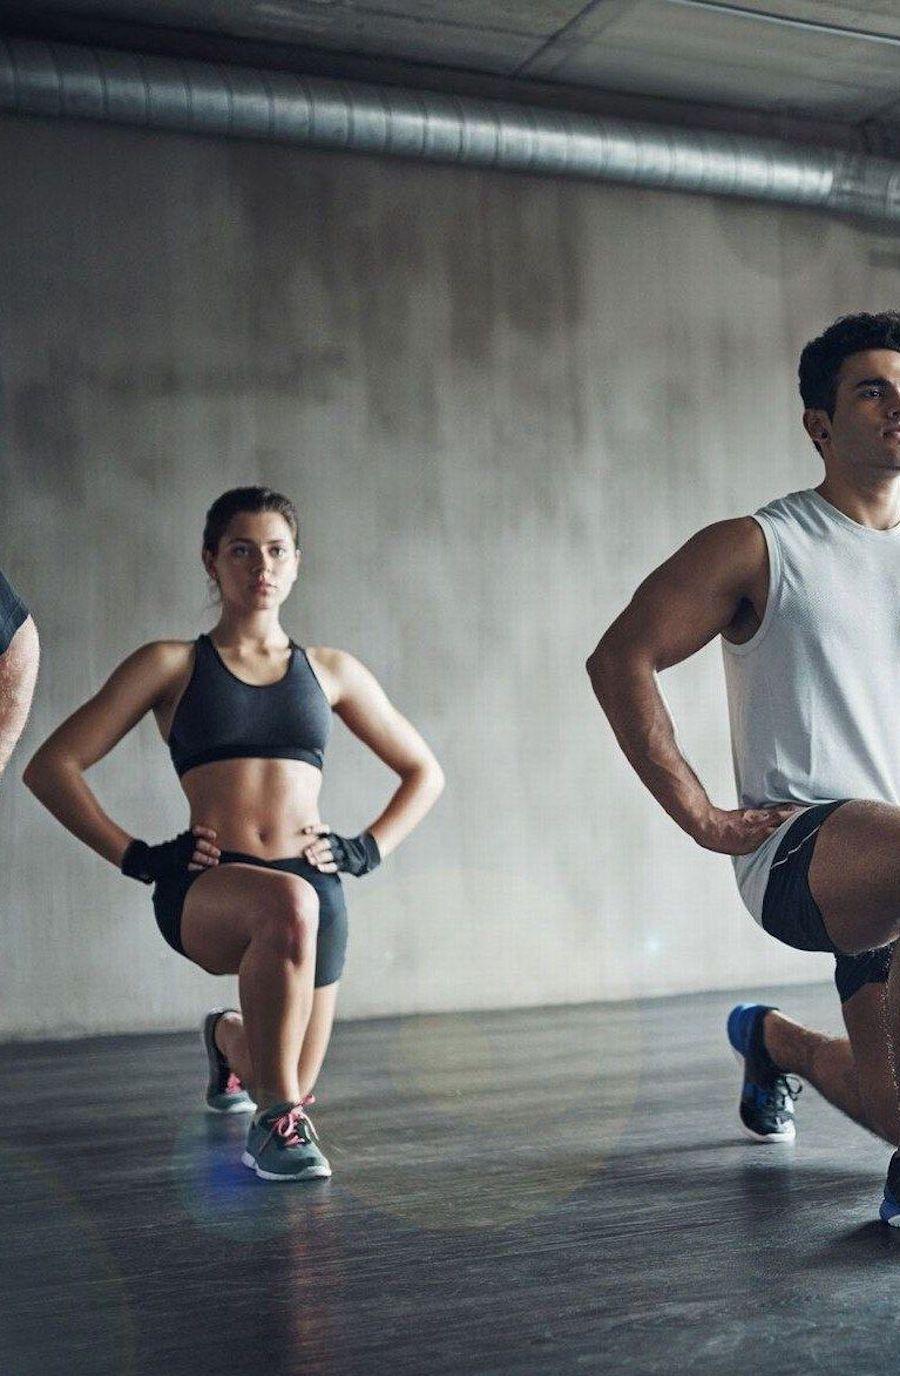 centro-deportivo-puerto-rey-actividades-entrenamiento-funcional-6